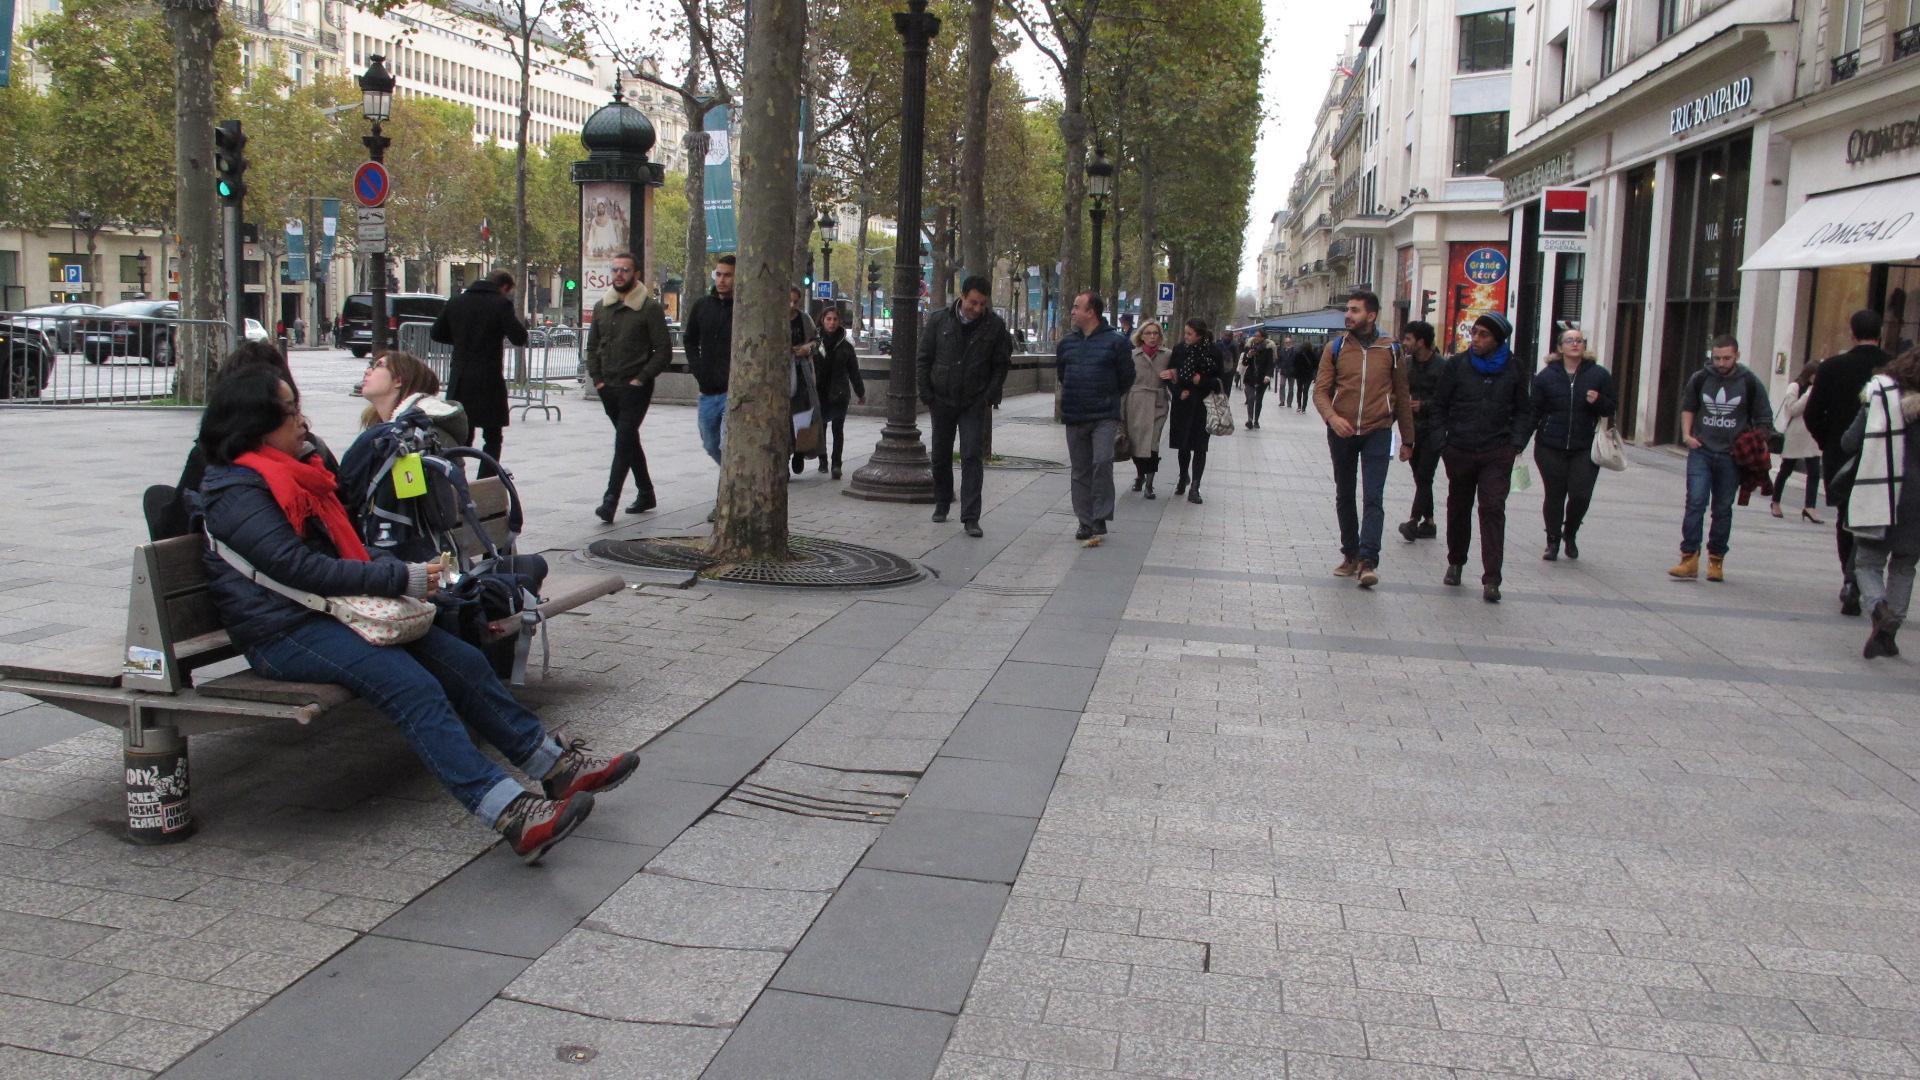 Boro-boro merasakan nuansa romantis, mengunjungi berbagai lokasi wisata lain yang bertebaran di seentero Paris sambil bergandengan tangan bila hati kami meringis memikirkan kaki yang gempor